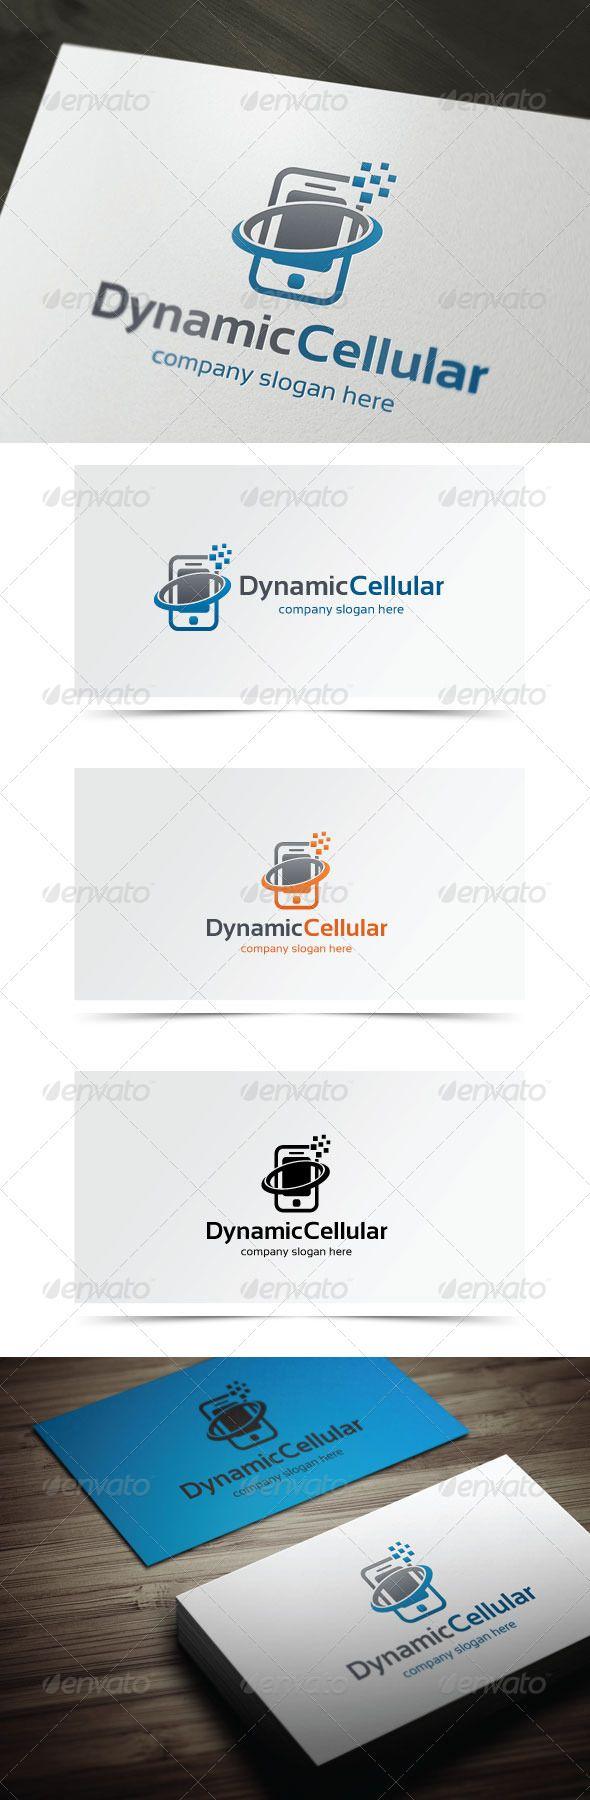 Dynamic Cellular Vector logo, Logo design template